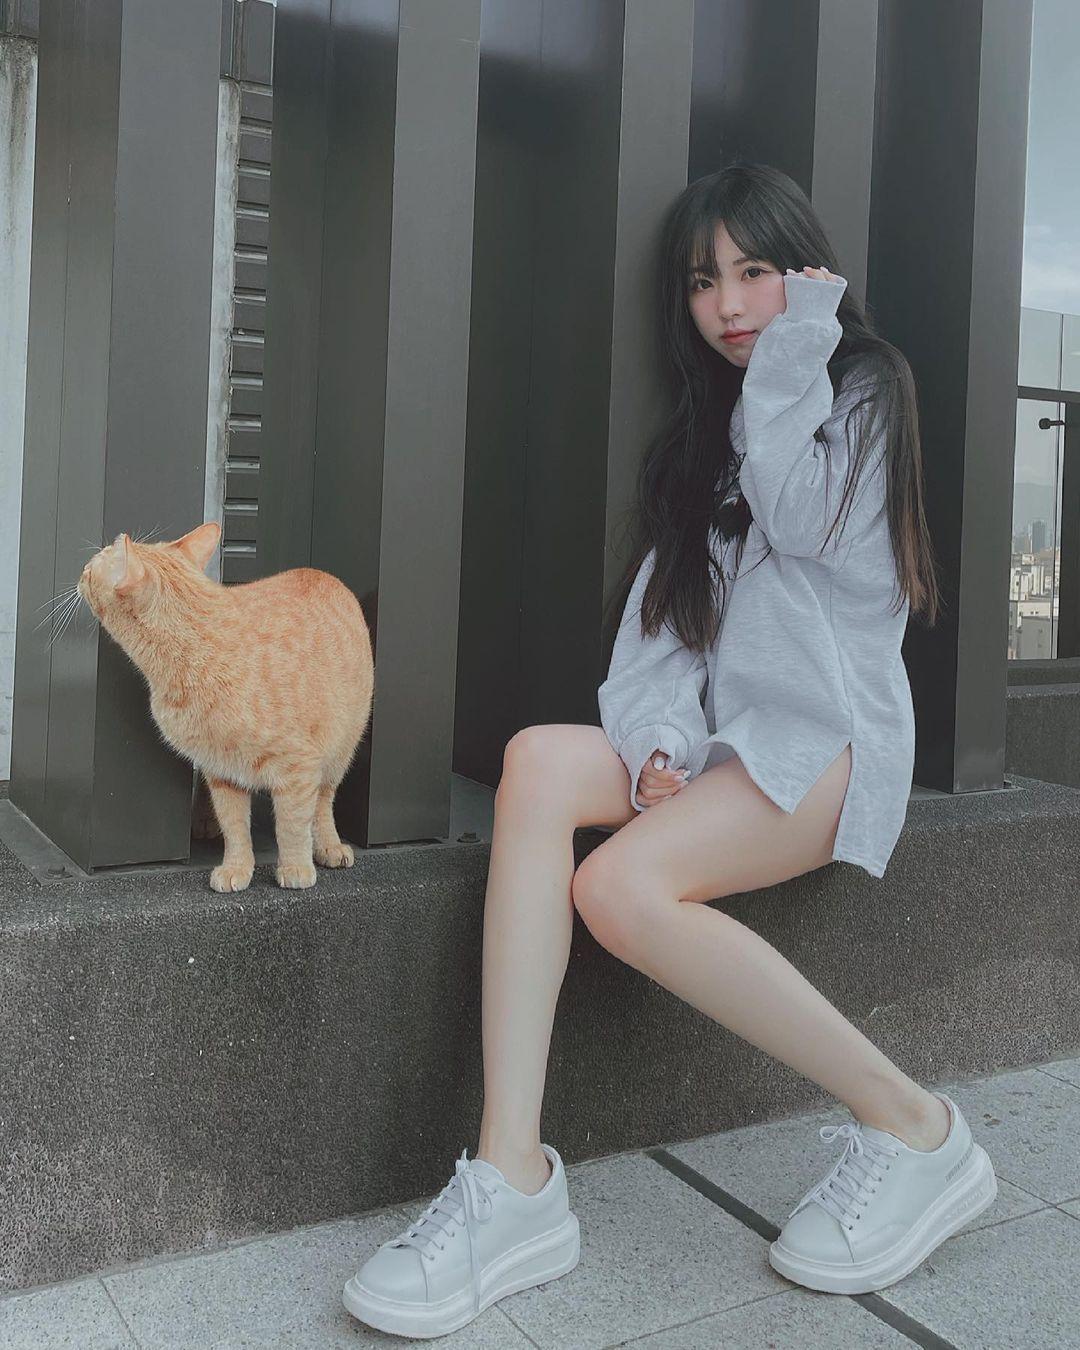 清新可爱的「软萌系美女」赵兔兔,性感旗袍小露,粉丝看到受不了. 养眼图片 第11张